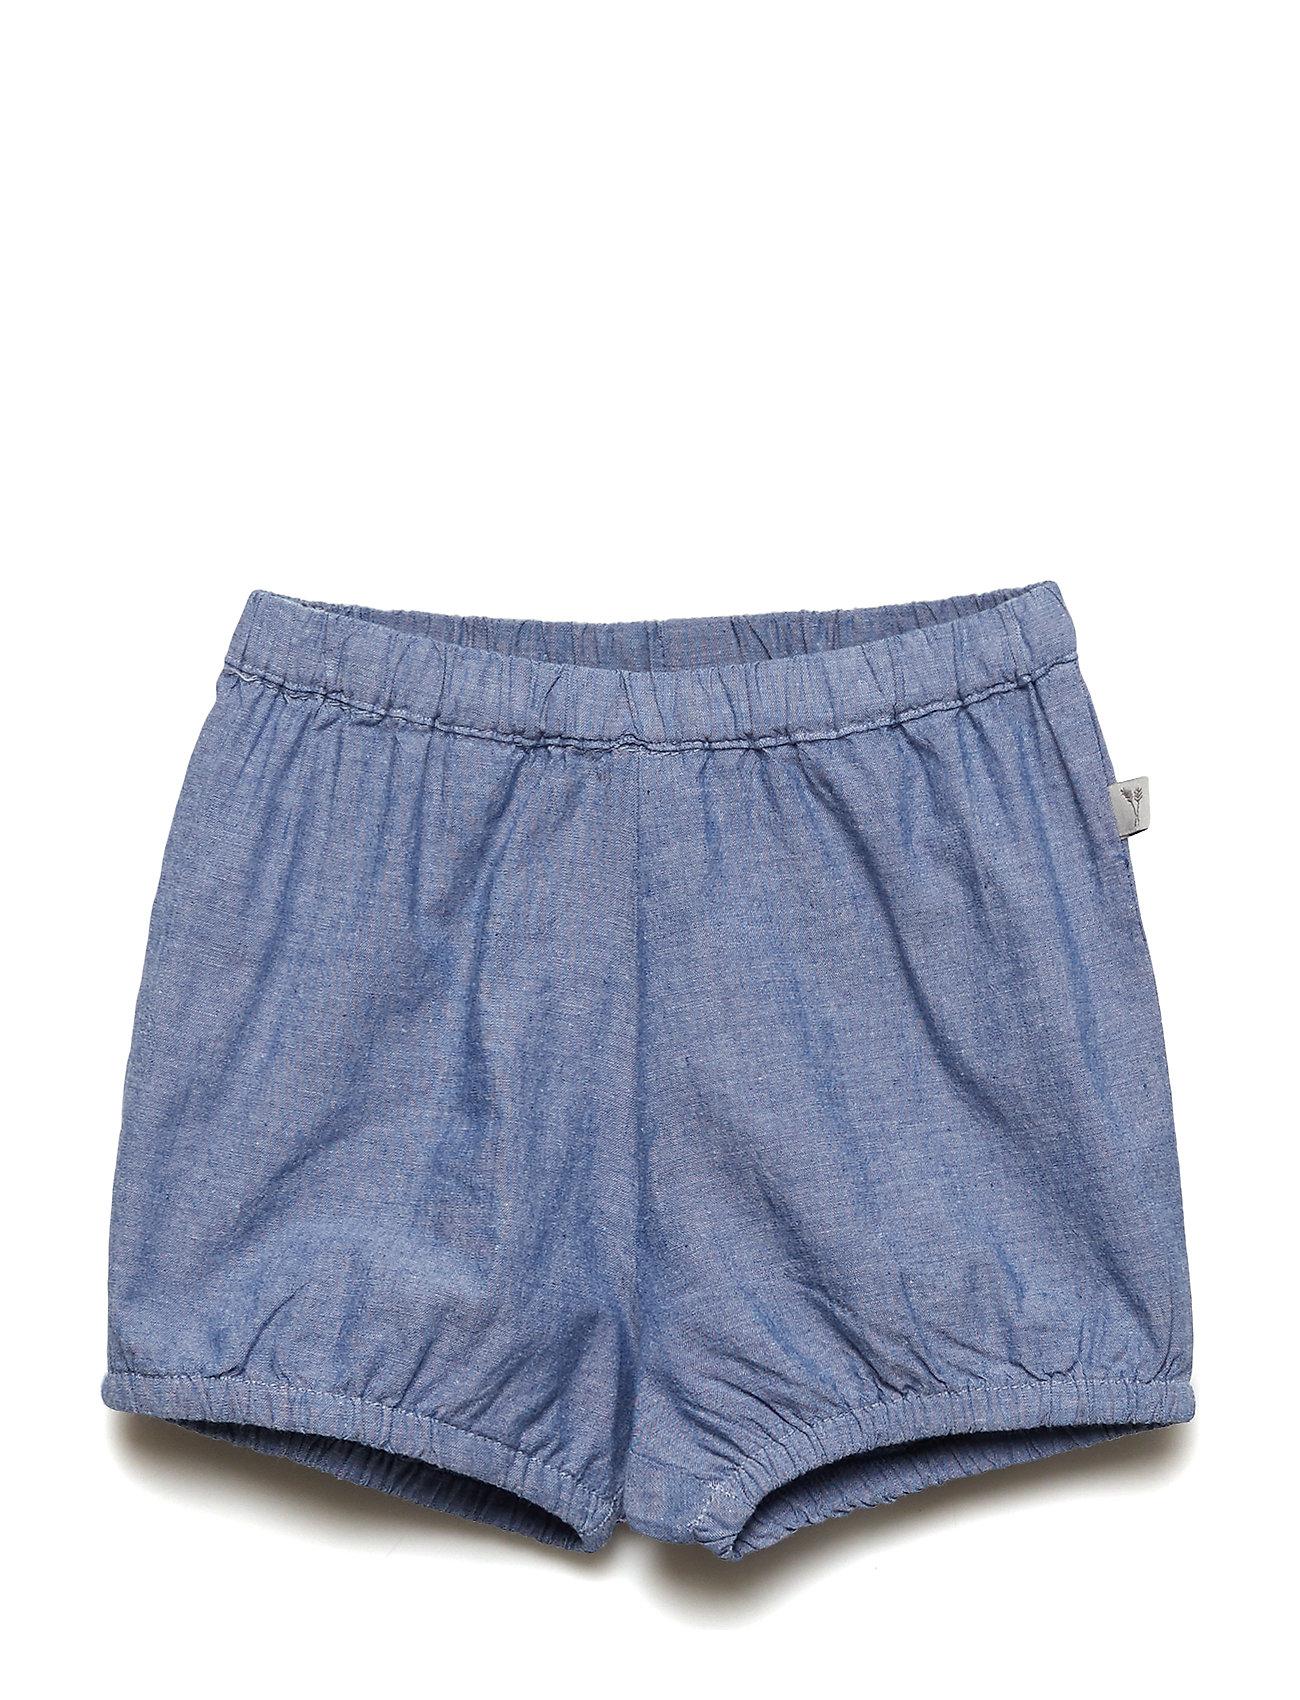 Wheat Shorts Knud - BERING SEA